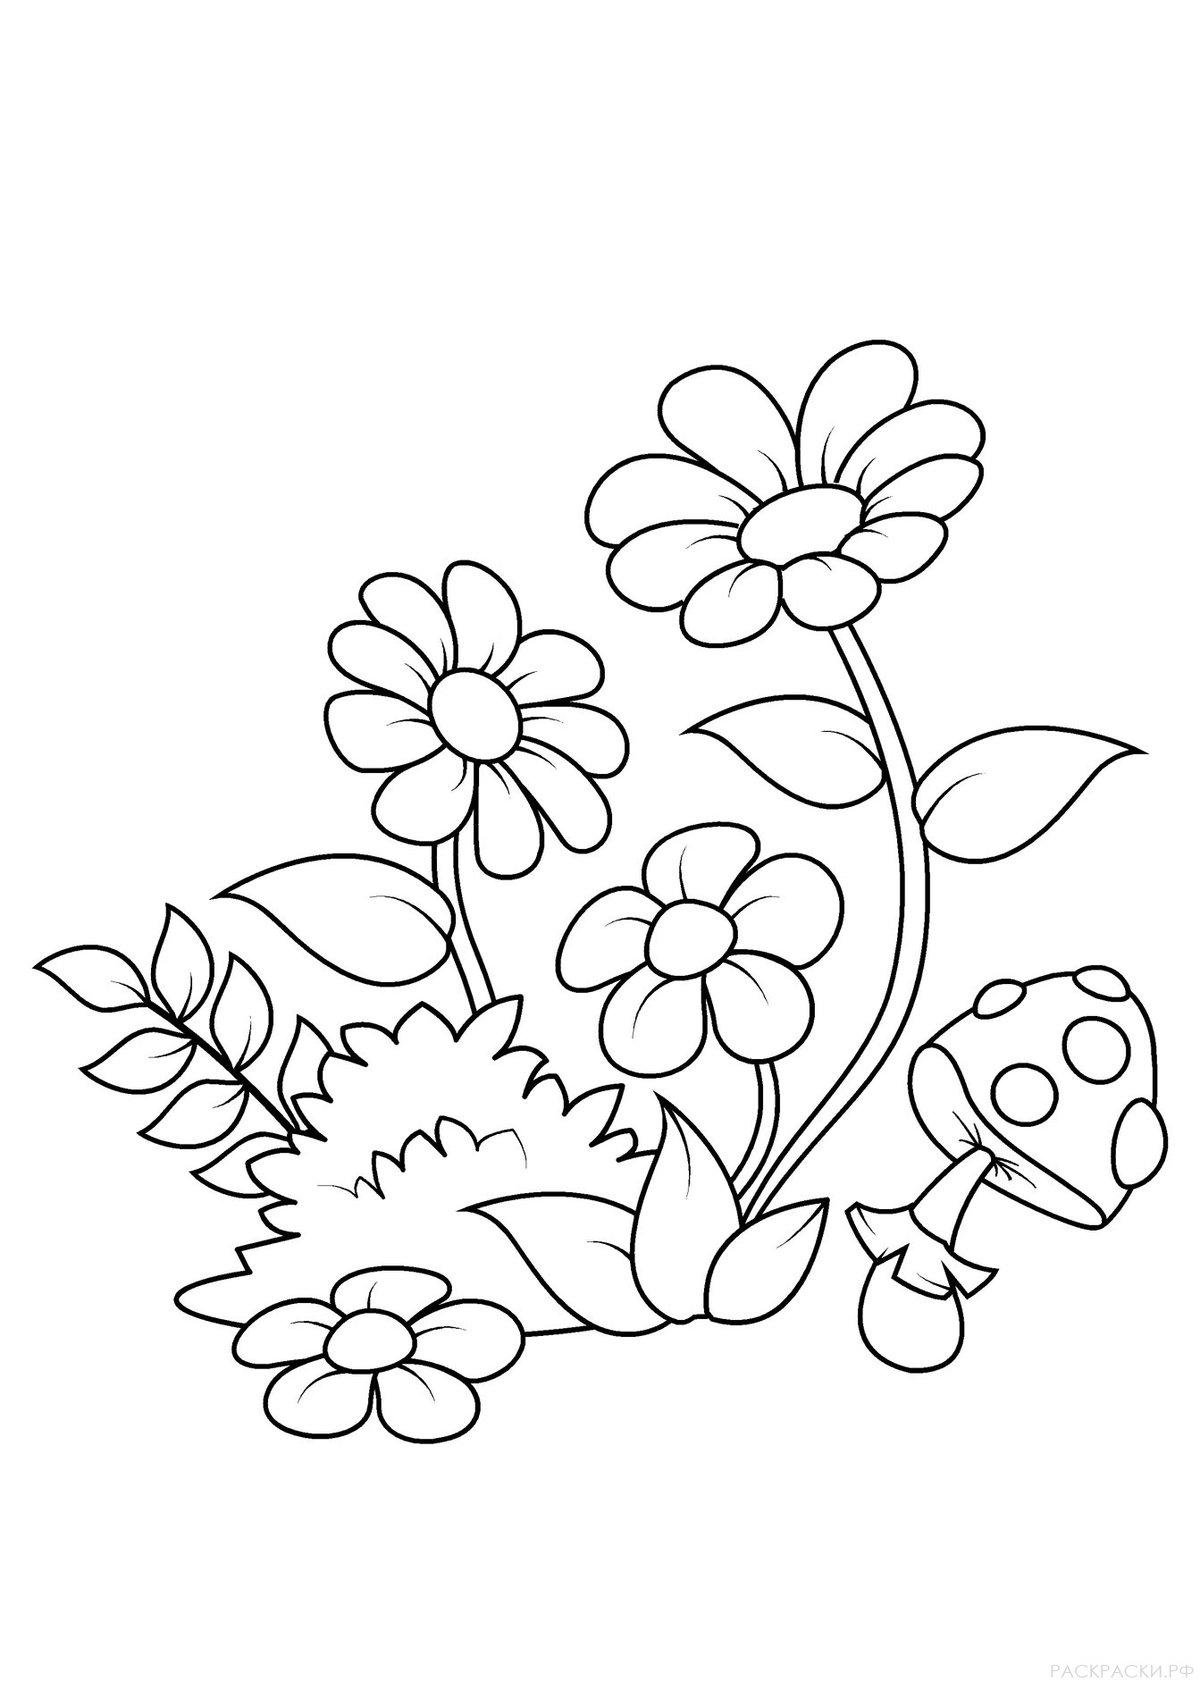 Раскраски с цветами для детей, про любовь